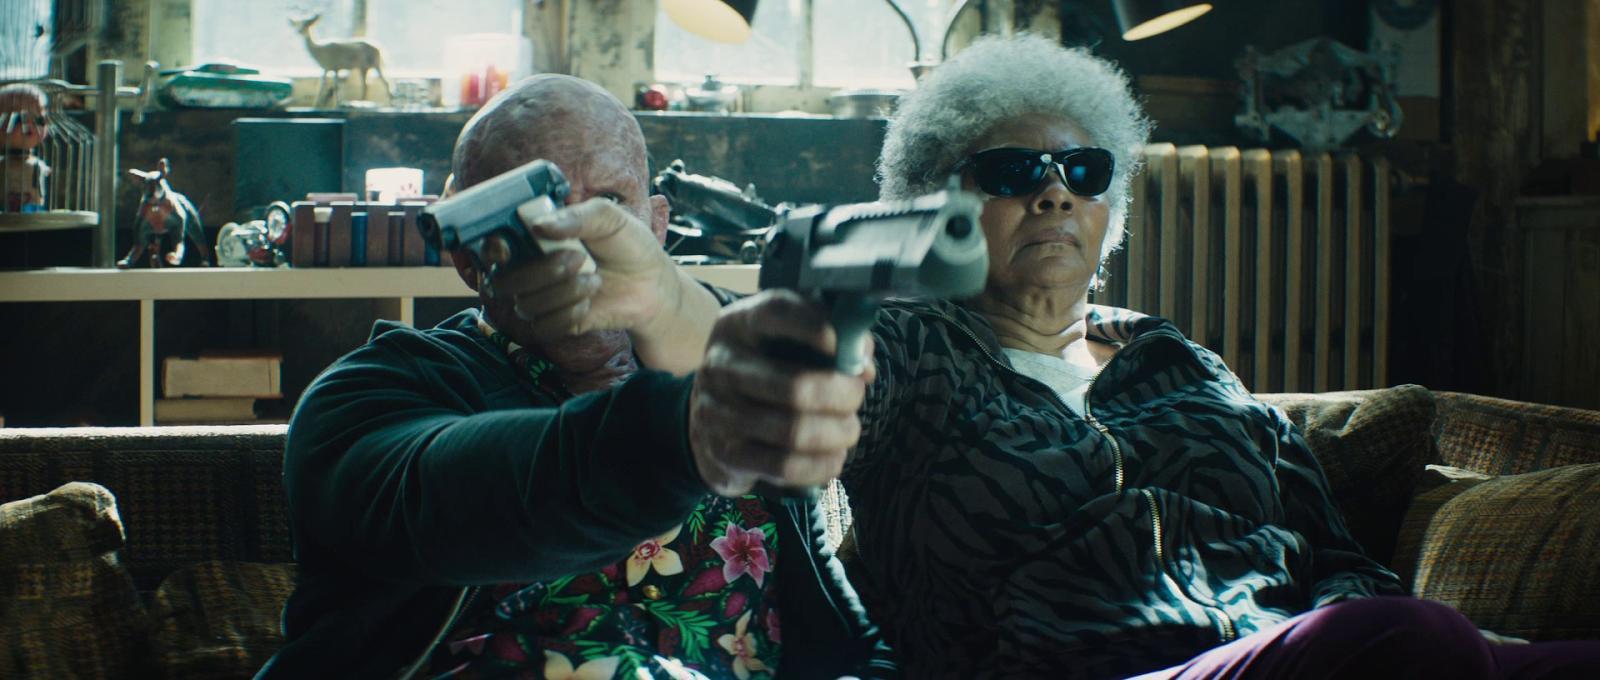 Кадр из фильма «Дэдпул 2»